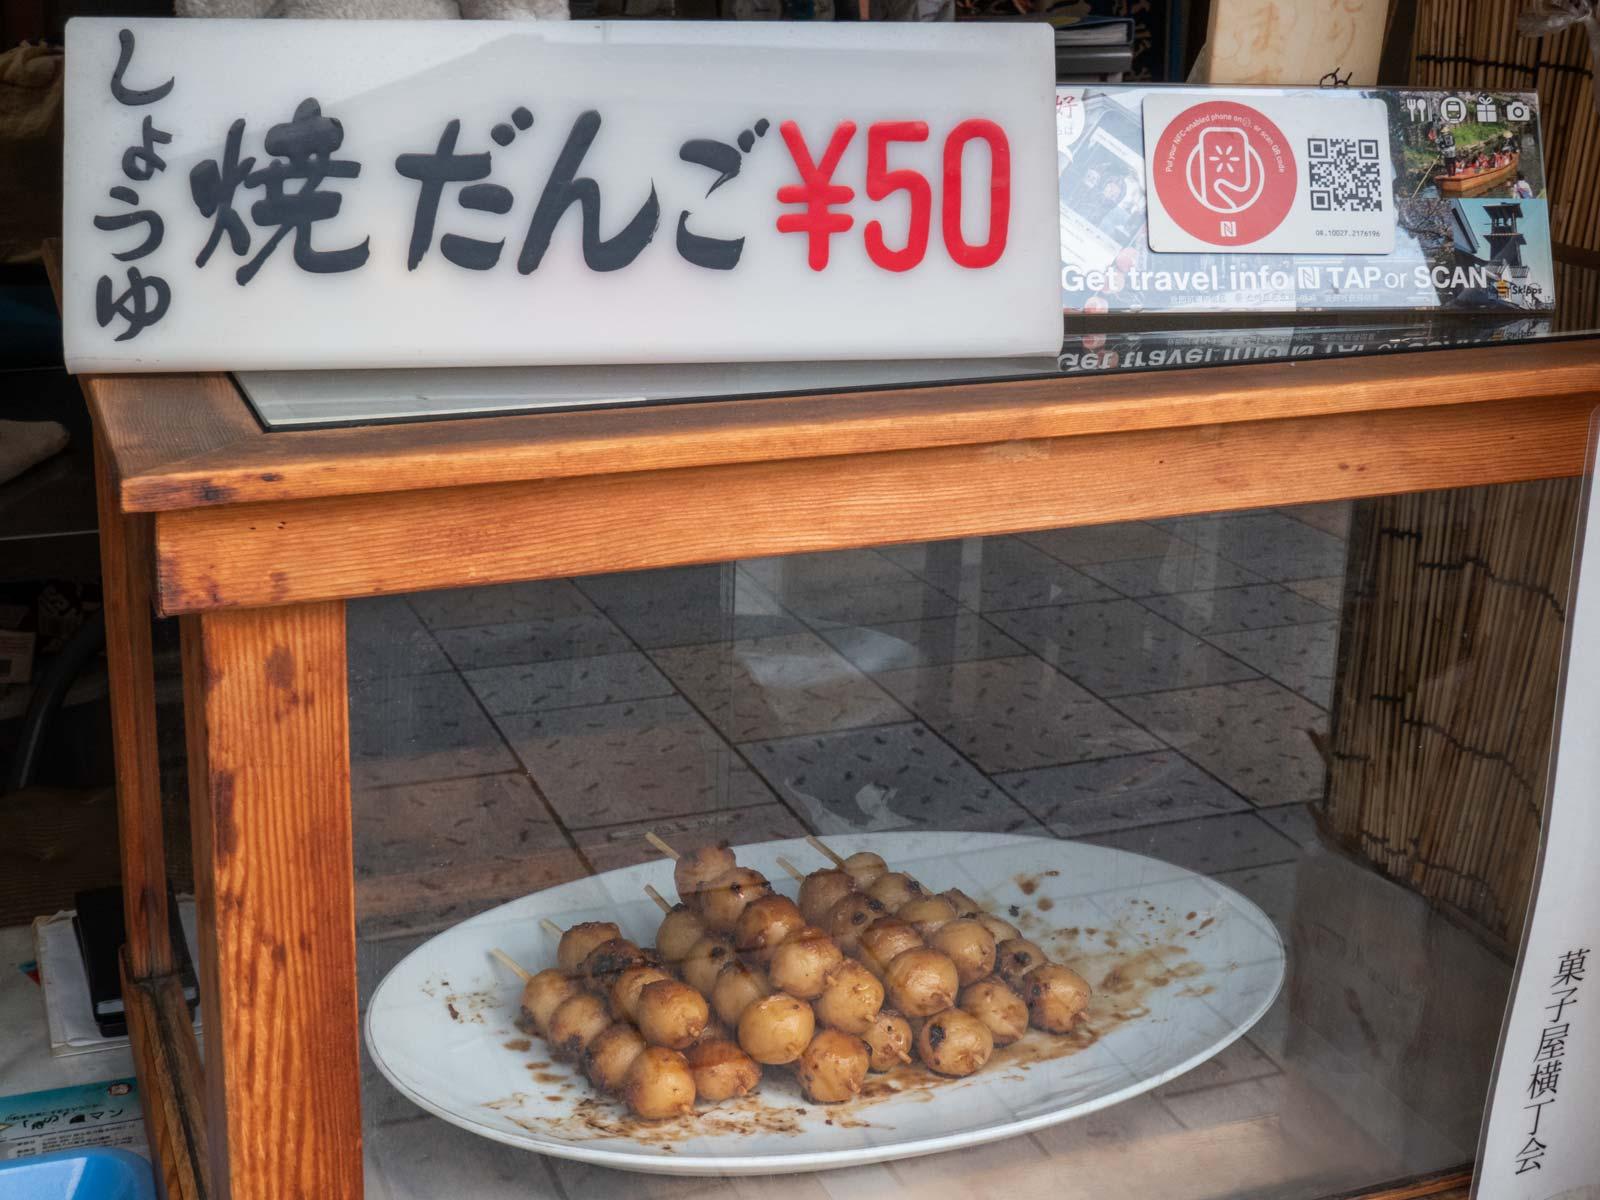 50 yen dango along Candy Alley in Kawagoe